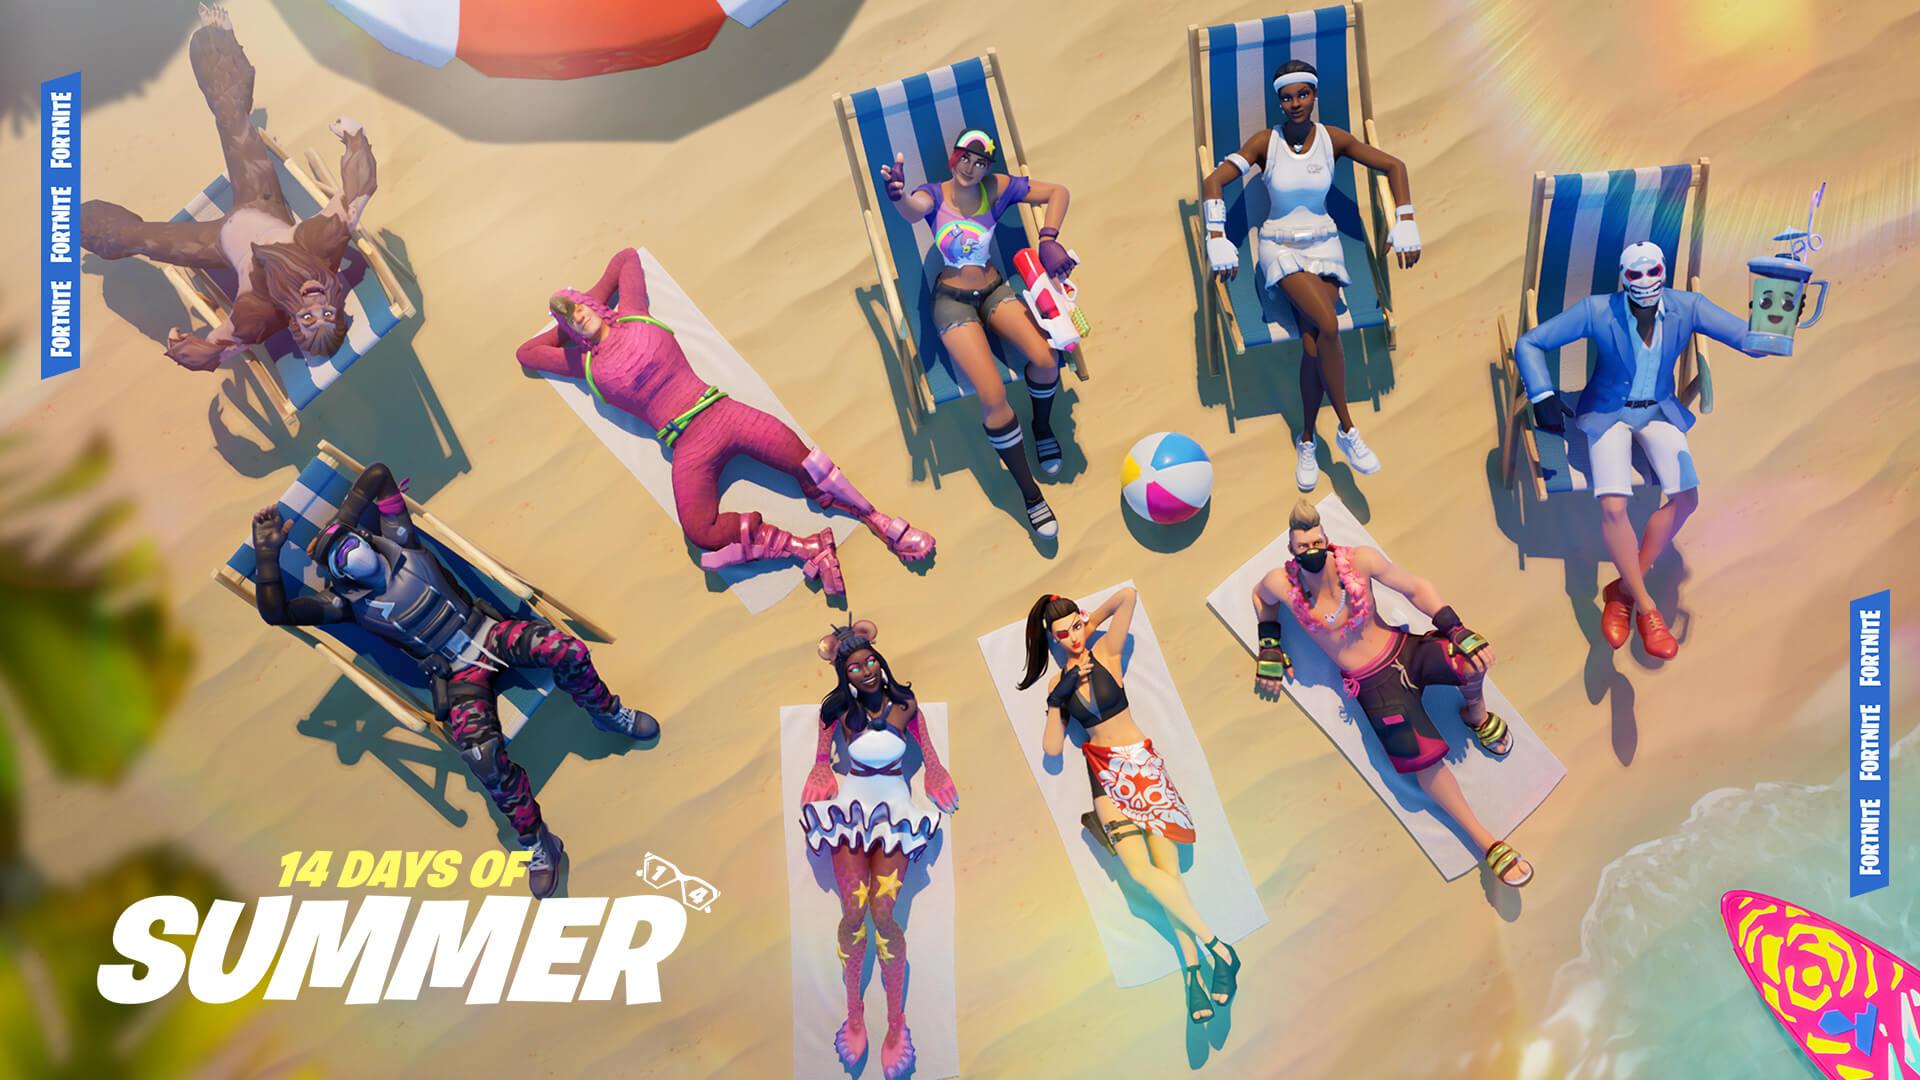 fortnite 14 days of summer event, challenges, LTM, skins